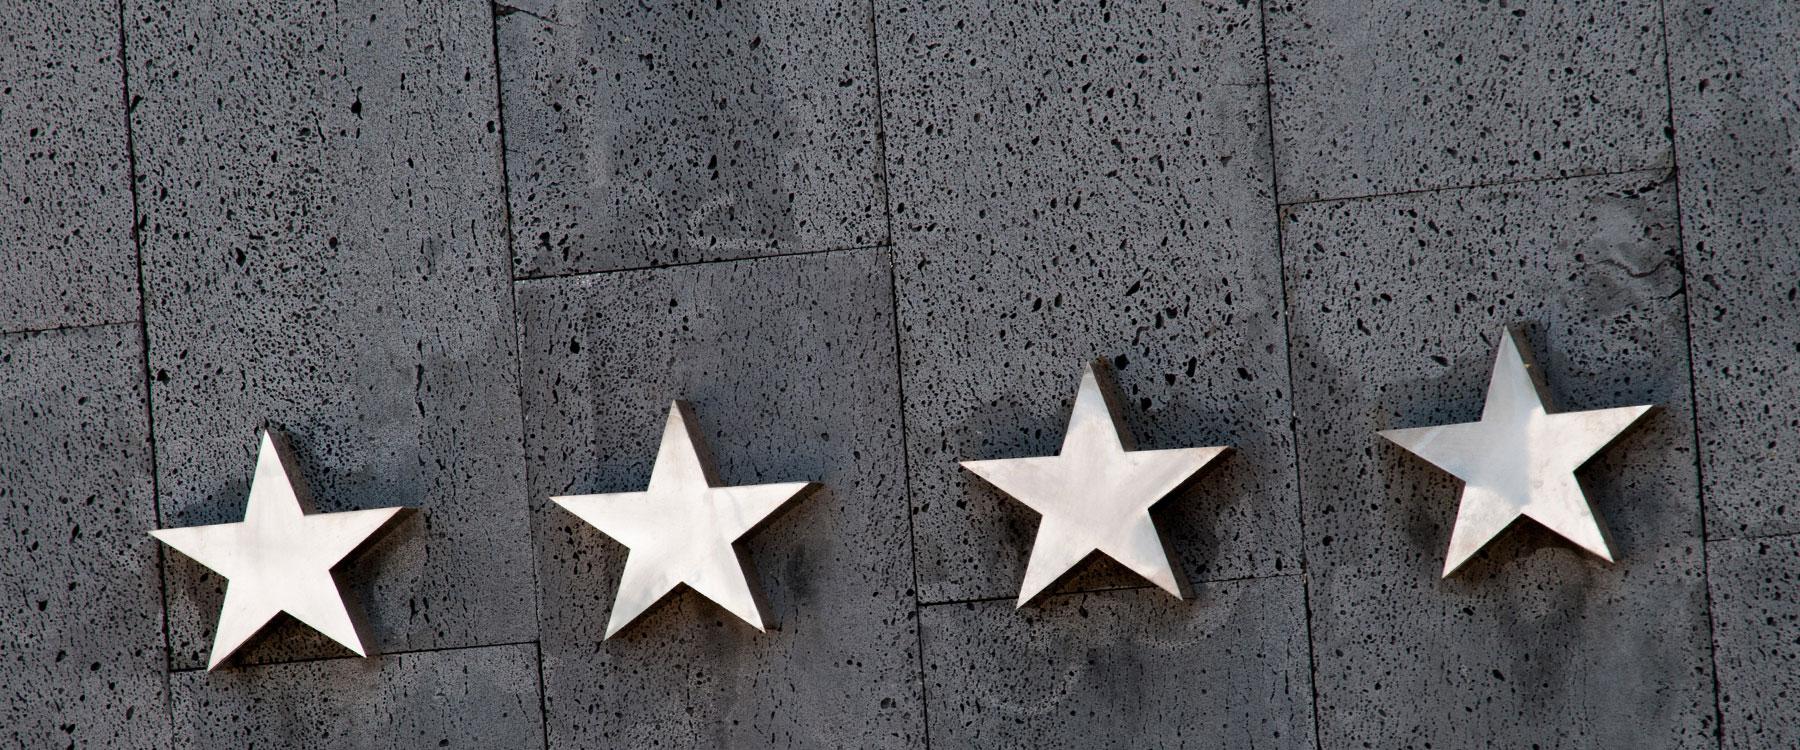 Online-Bewertungen, Sterne